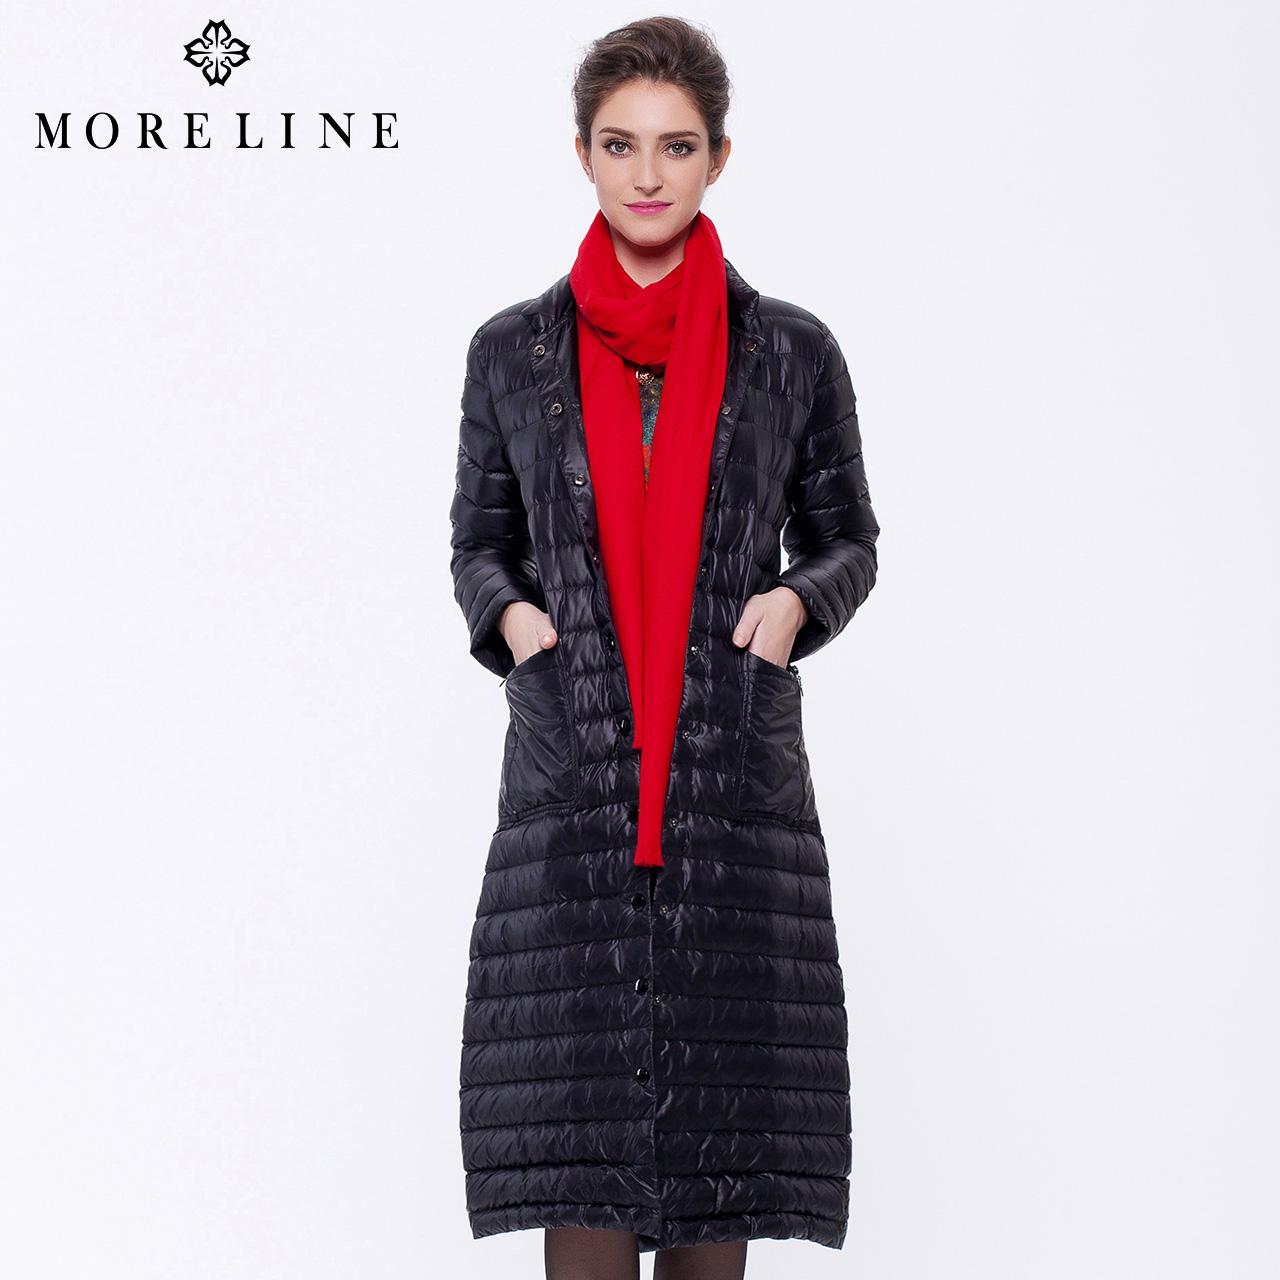 沐兰MORELINE冬季时尚保暖极简优雅修身中长款羽绒服9874001